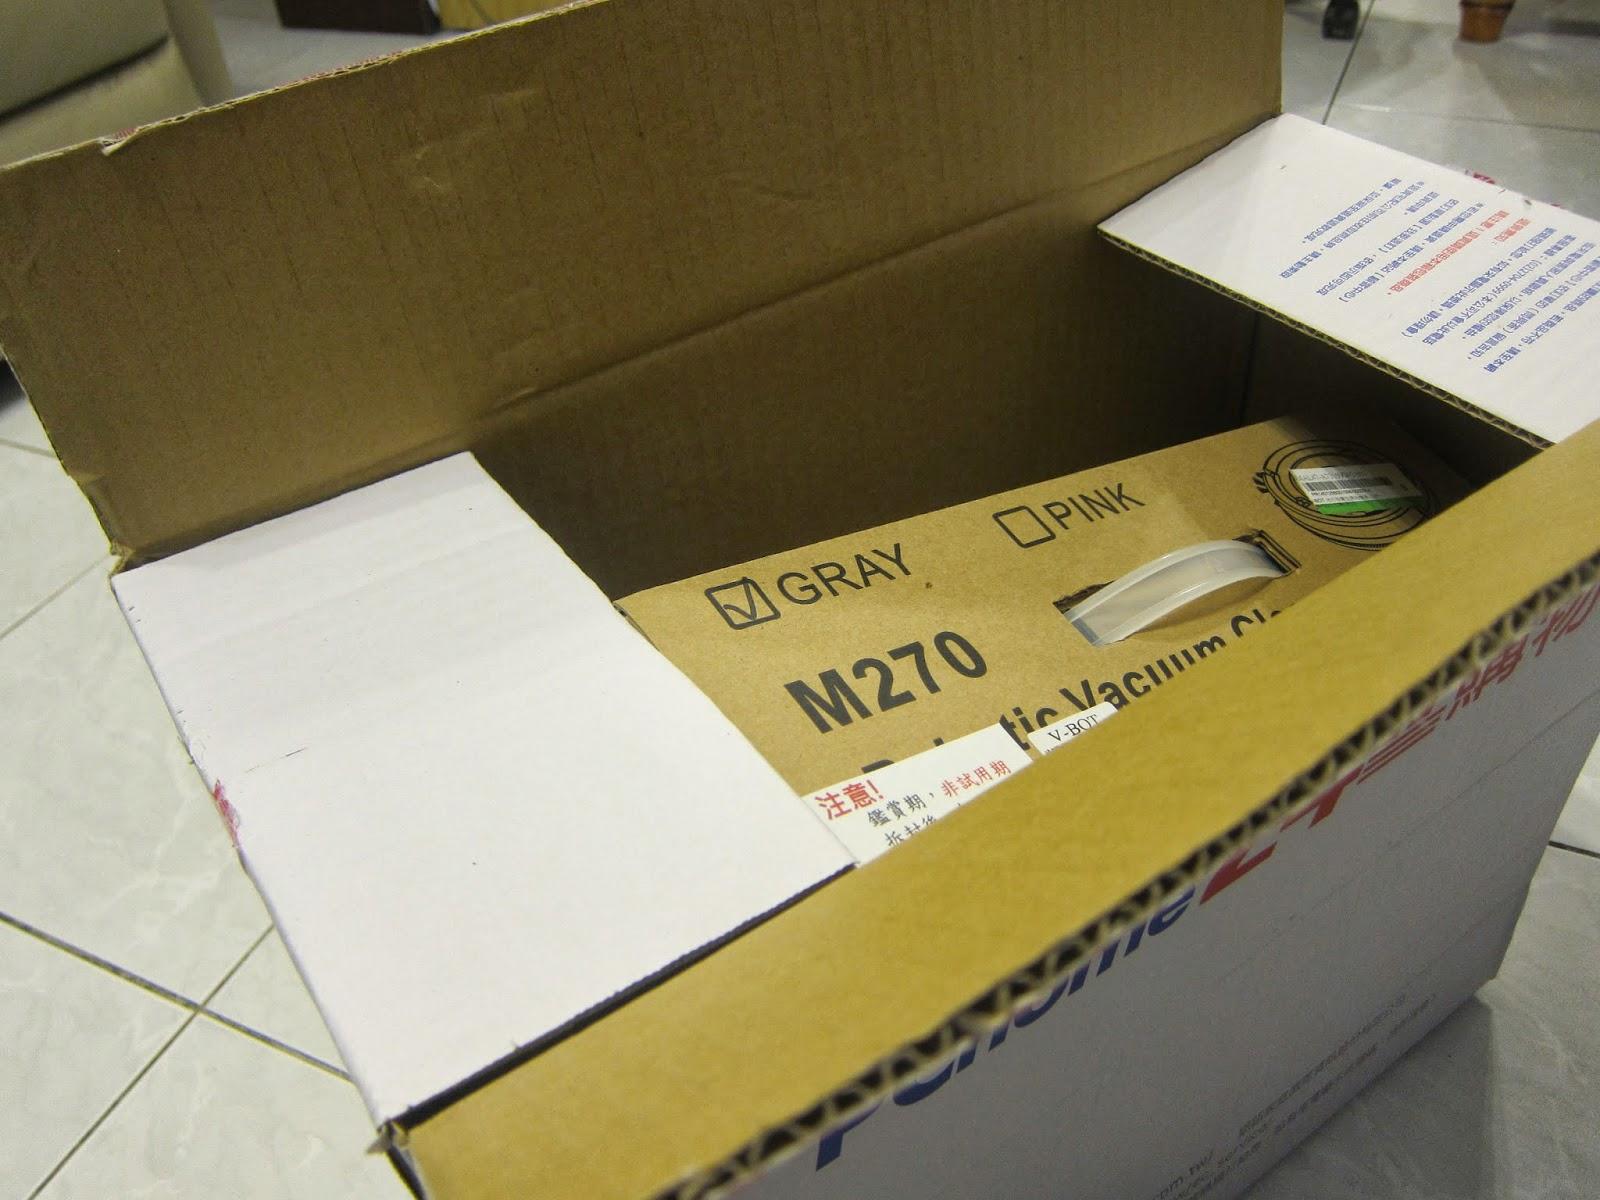 IMG 2242 - [開箱] V-BOT M270 迷你智慧型掃地機器人